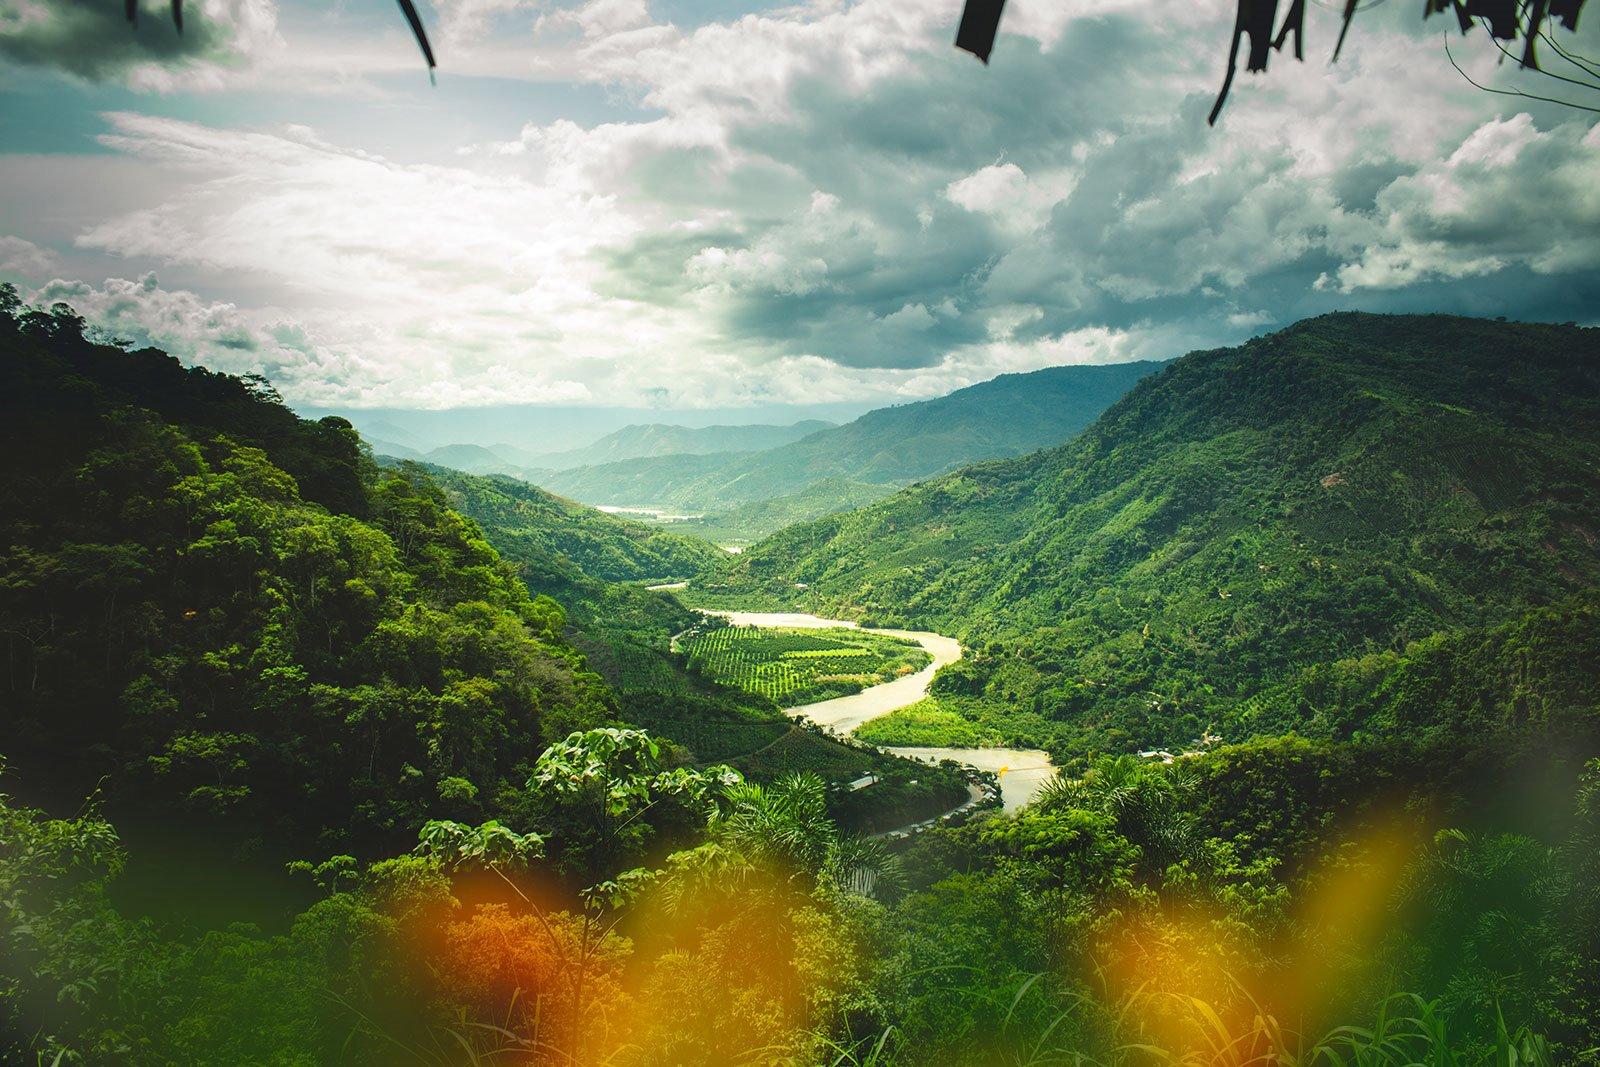 https://i.ibb.co/yNNwL6c/Amazonia-peruana.jpg